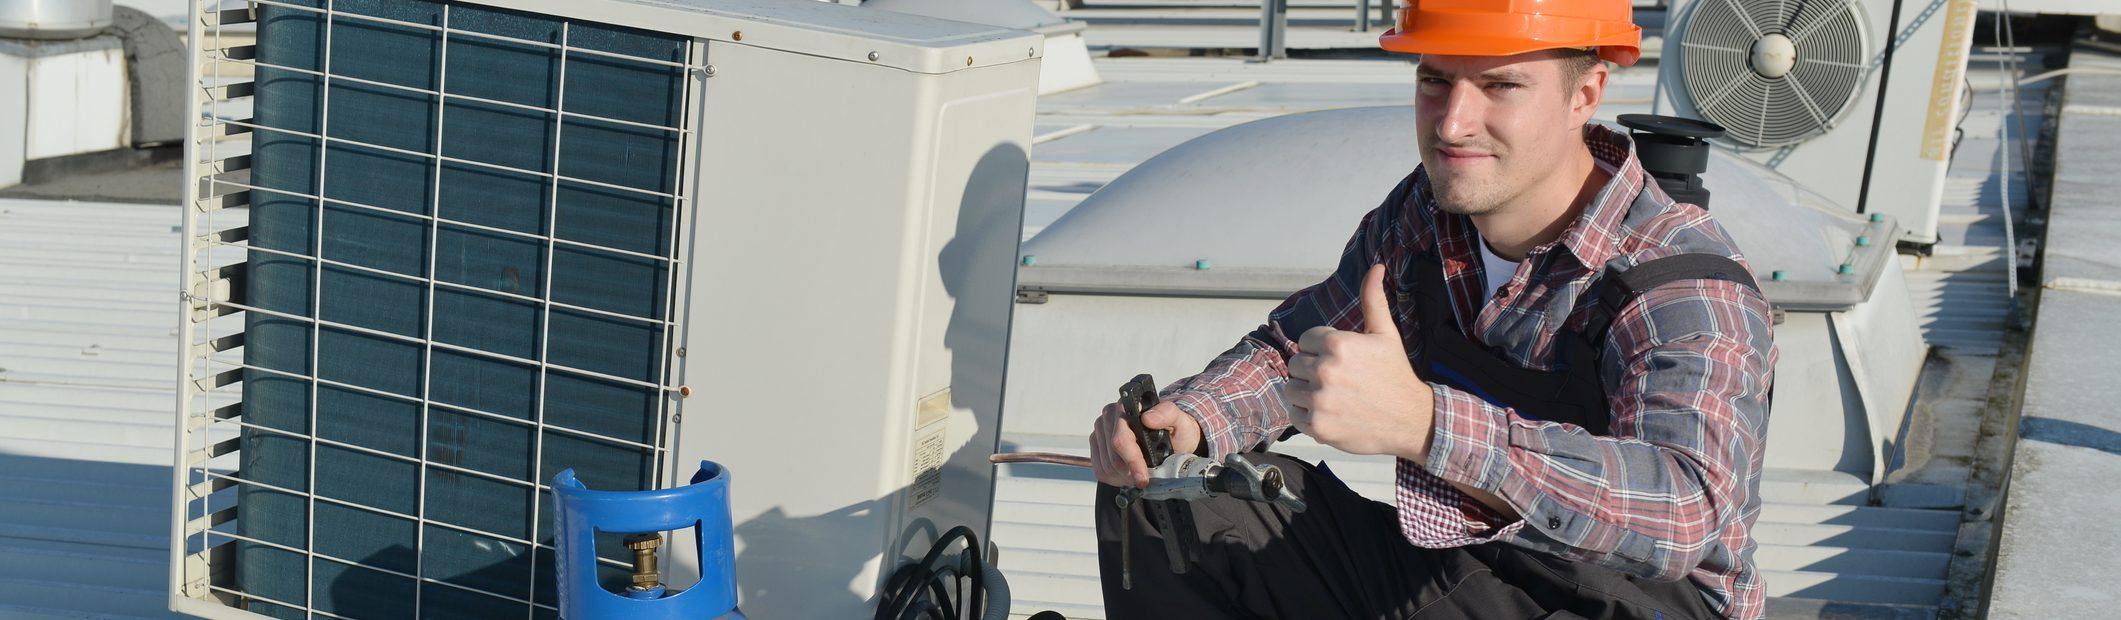 air-conditioning-repair-young-repairman-roof-fixing-system-model-actual-repairman-electrician-40719912